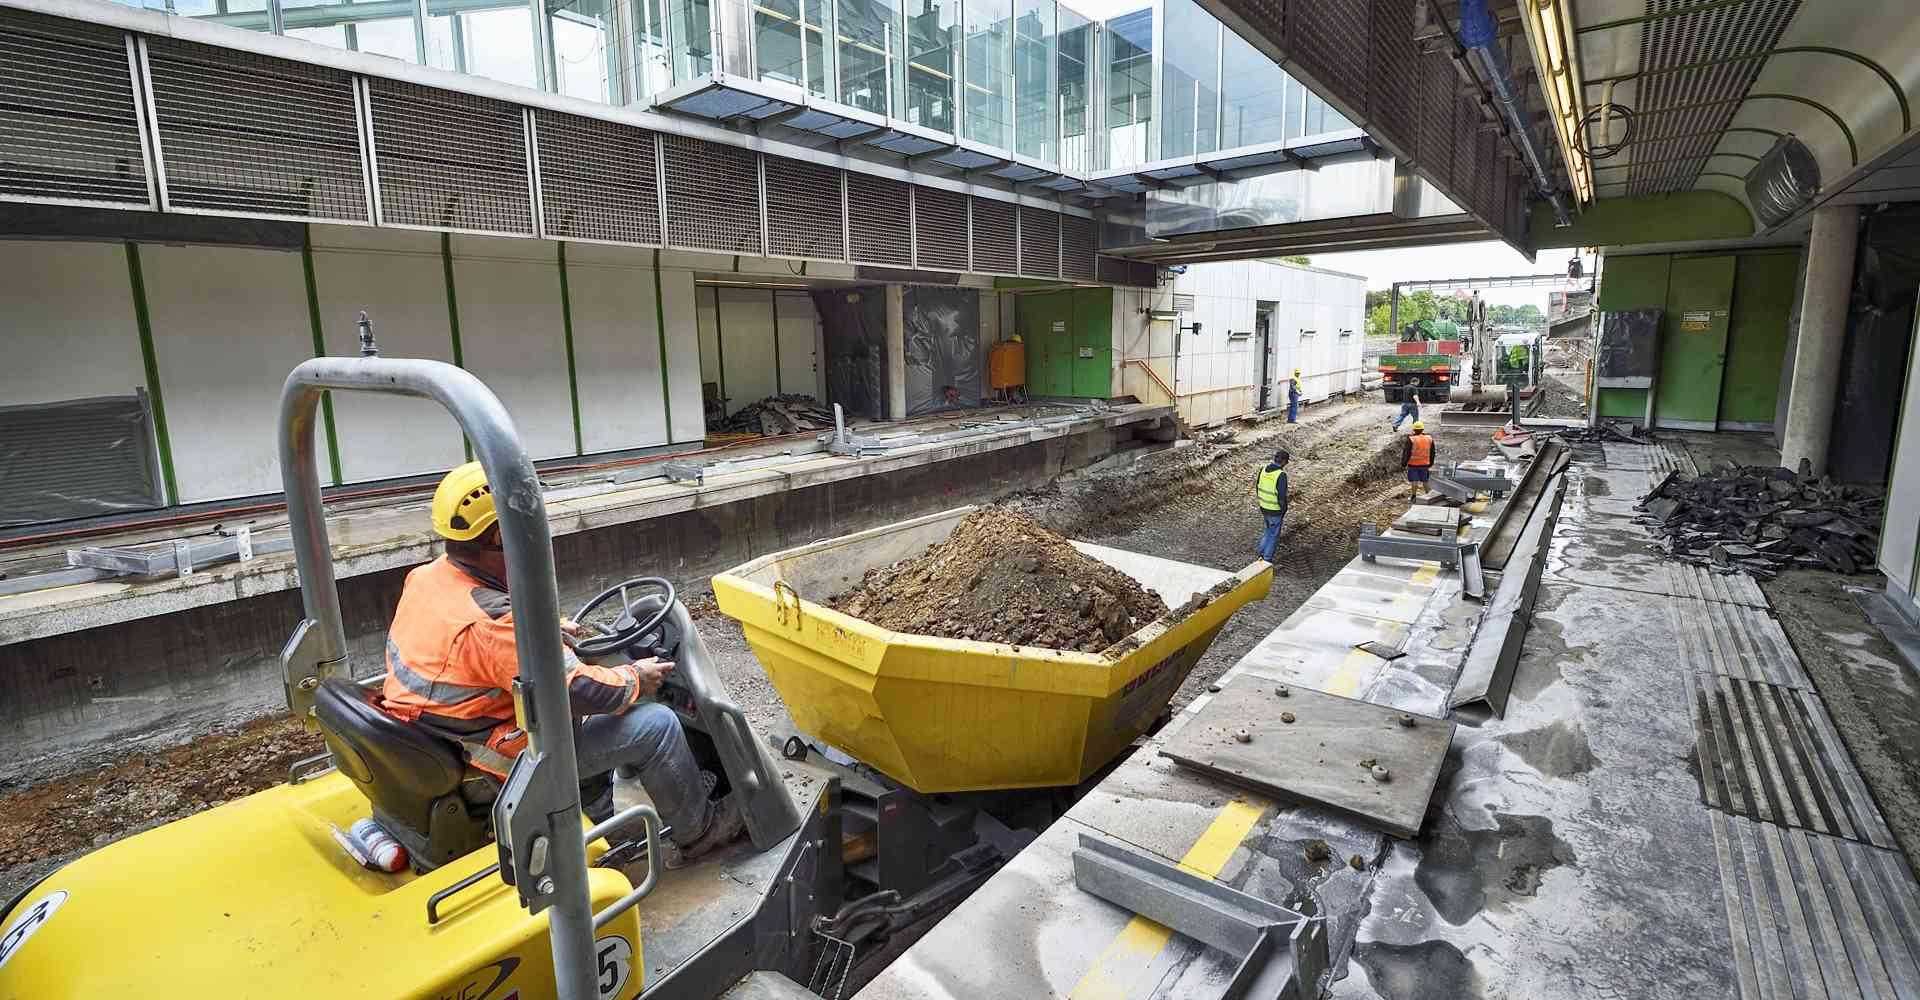 Arbeiten während der U4-Modernisierung in den Stationen und am Bahnsteig